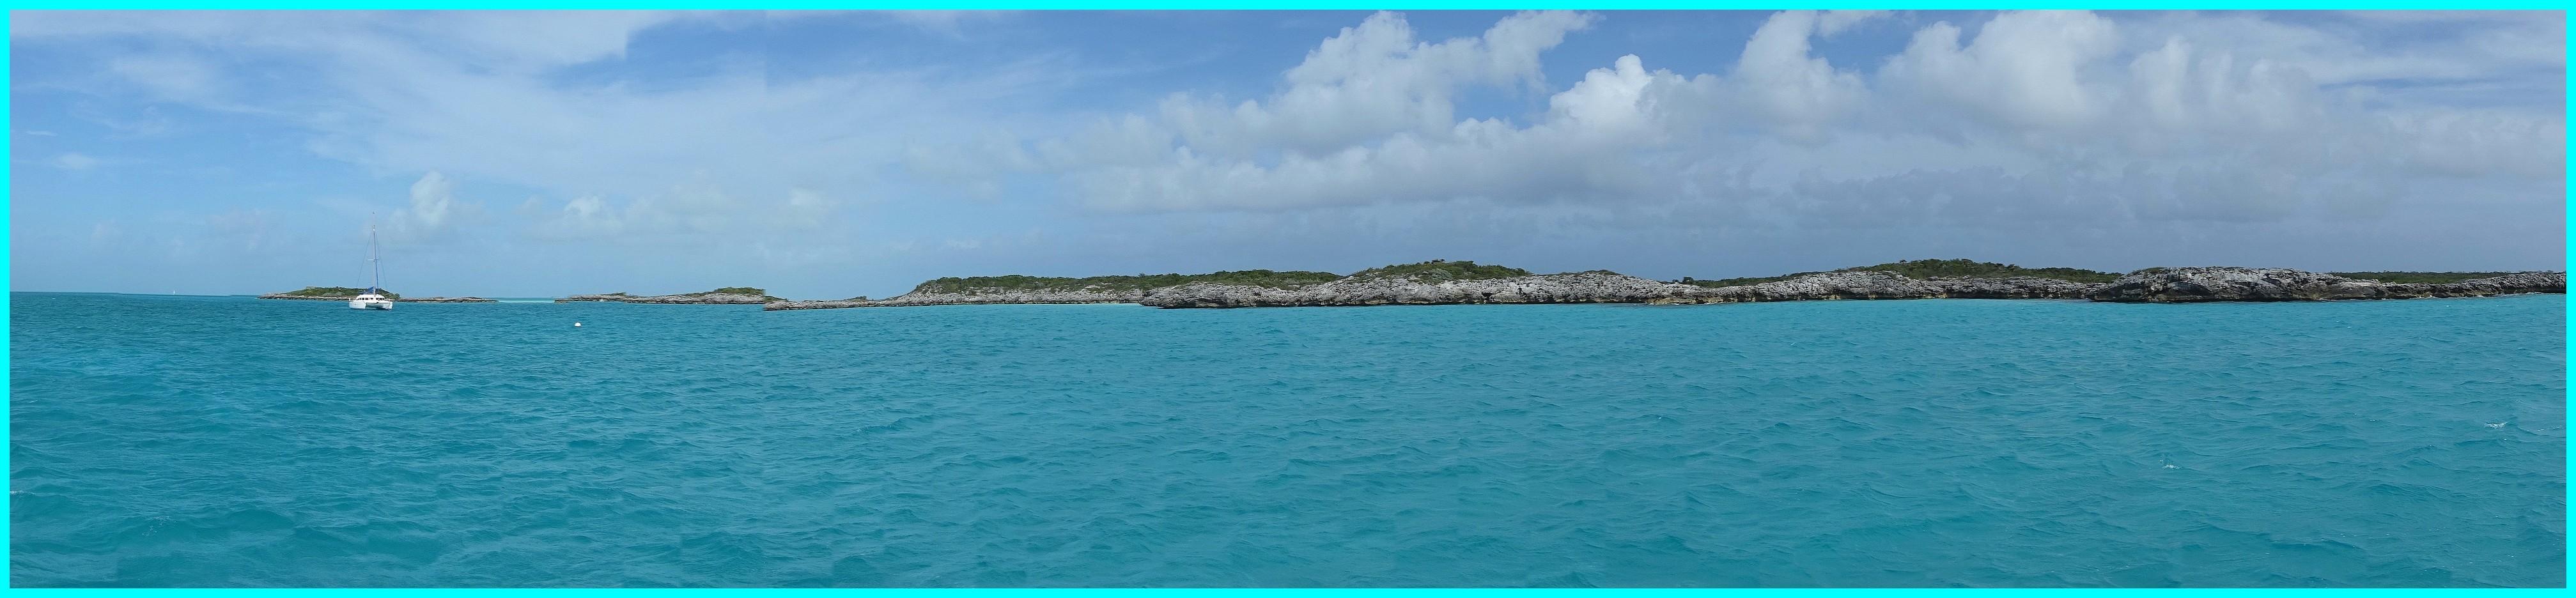 Shroud Cay est en vue (clic pour agrandir)